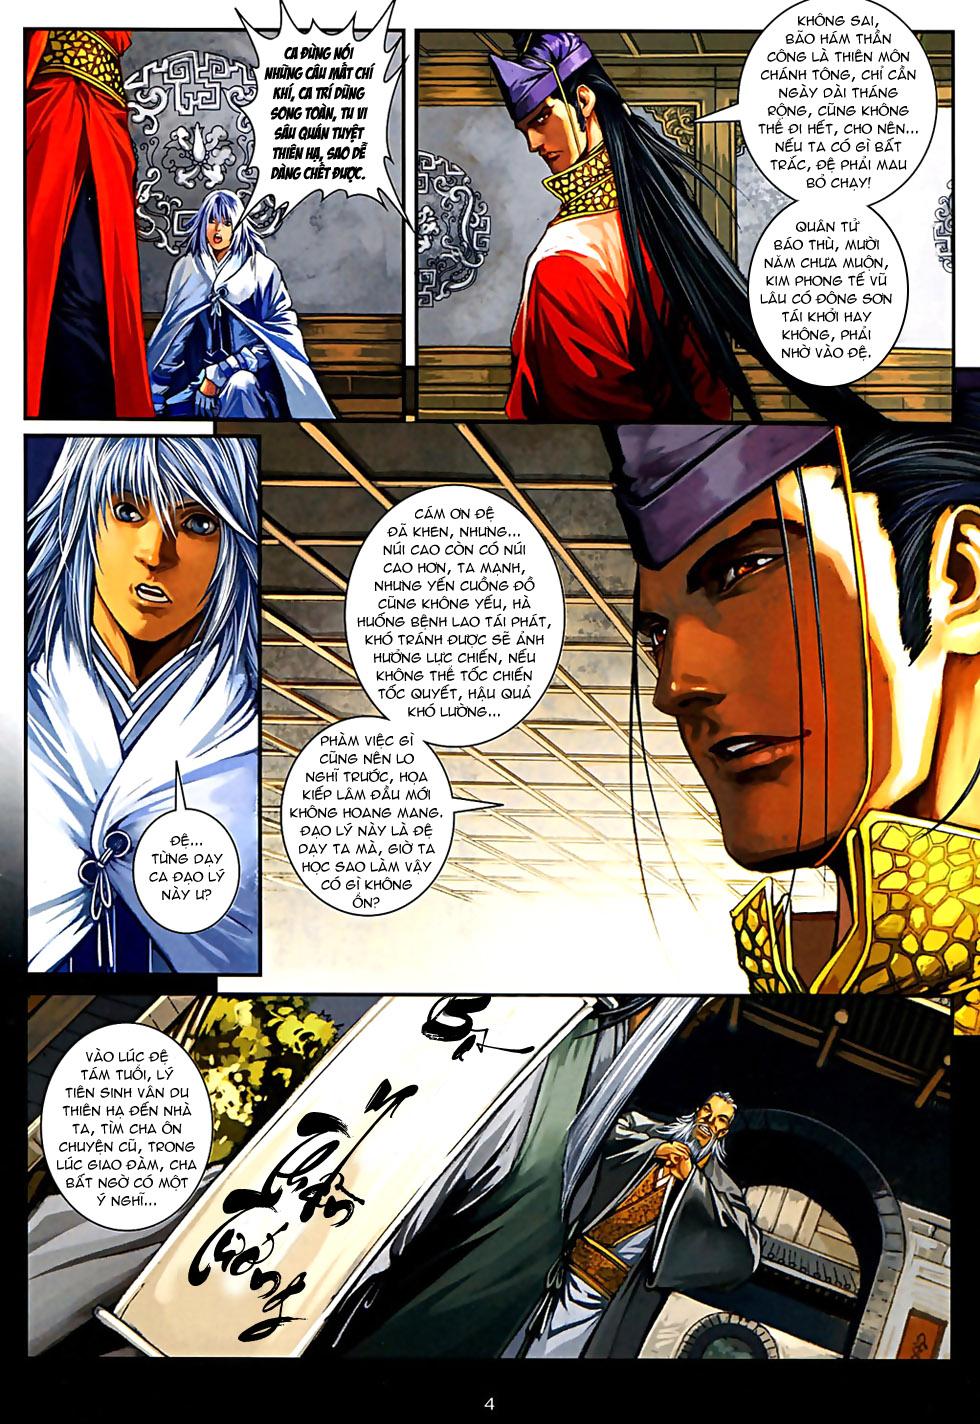 Ôn Thuỵ An Quần Hiệp Truyện Phần 2 chapter 32 trang 5